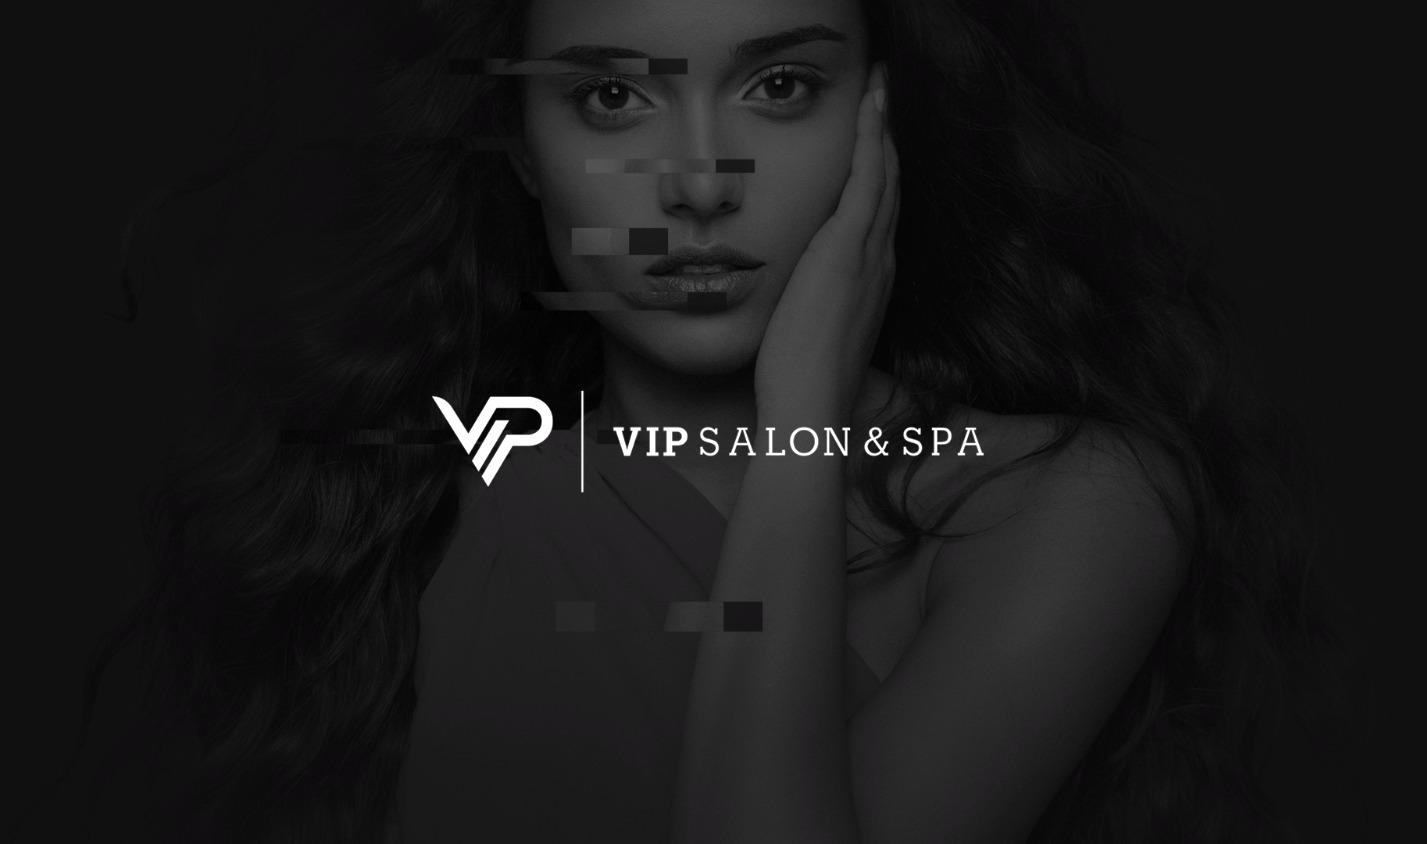 VIP Salon & Spa